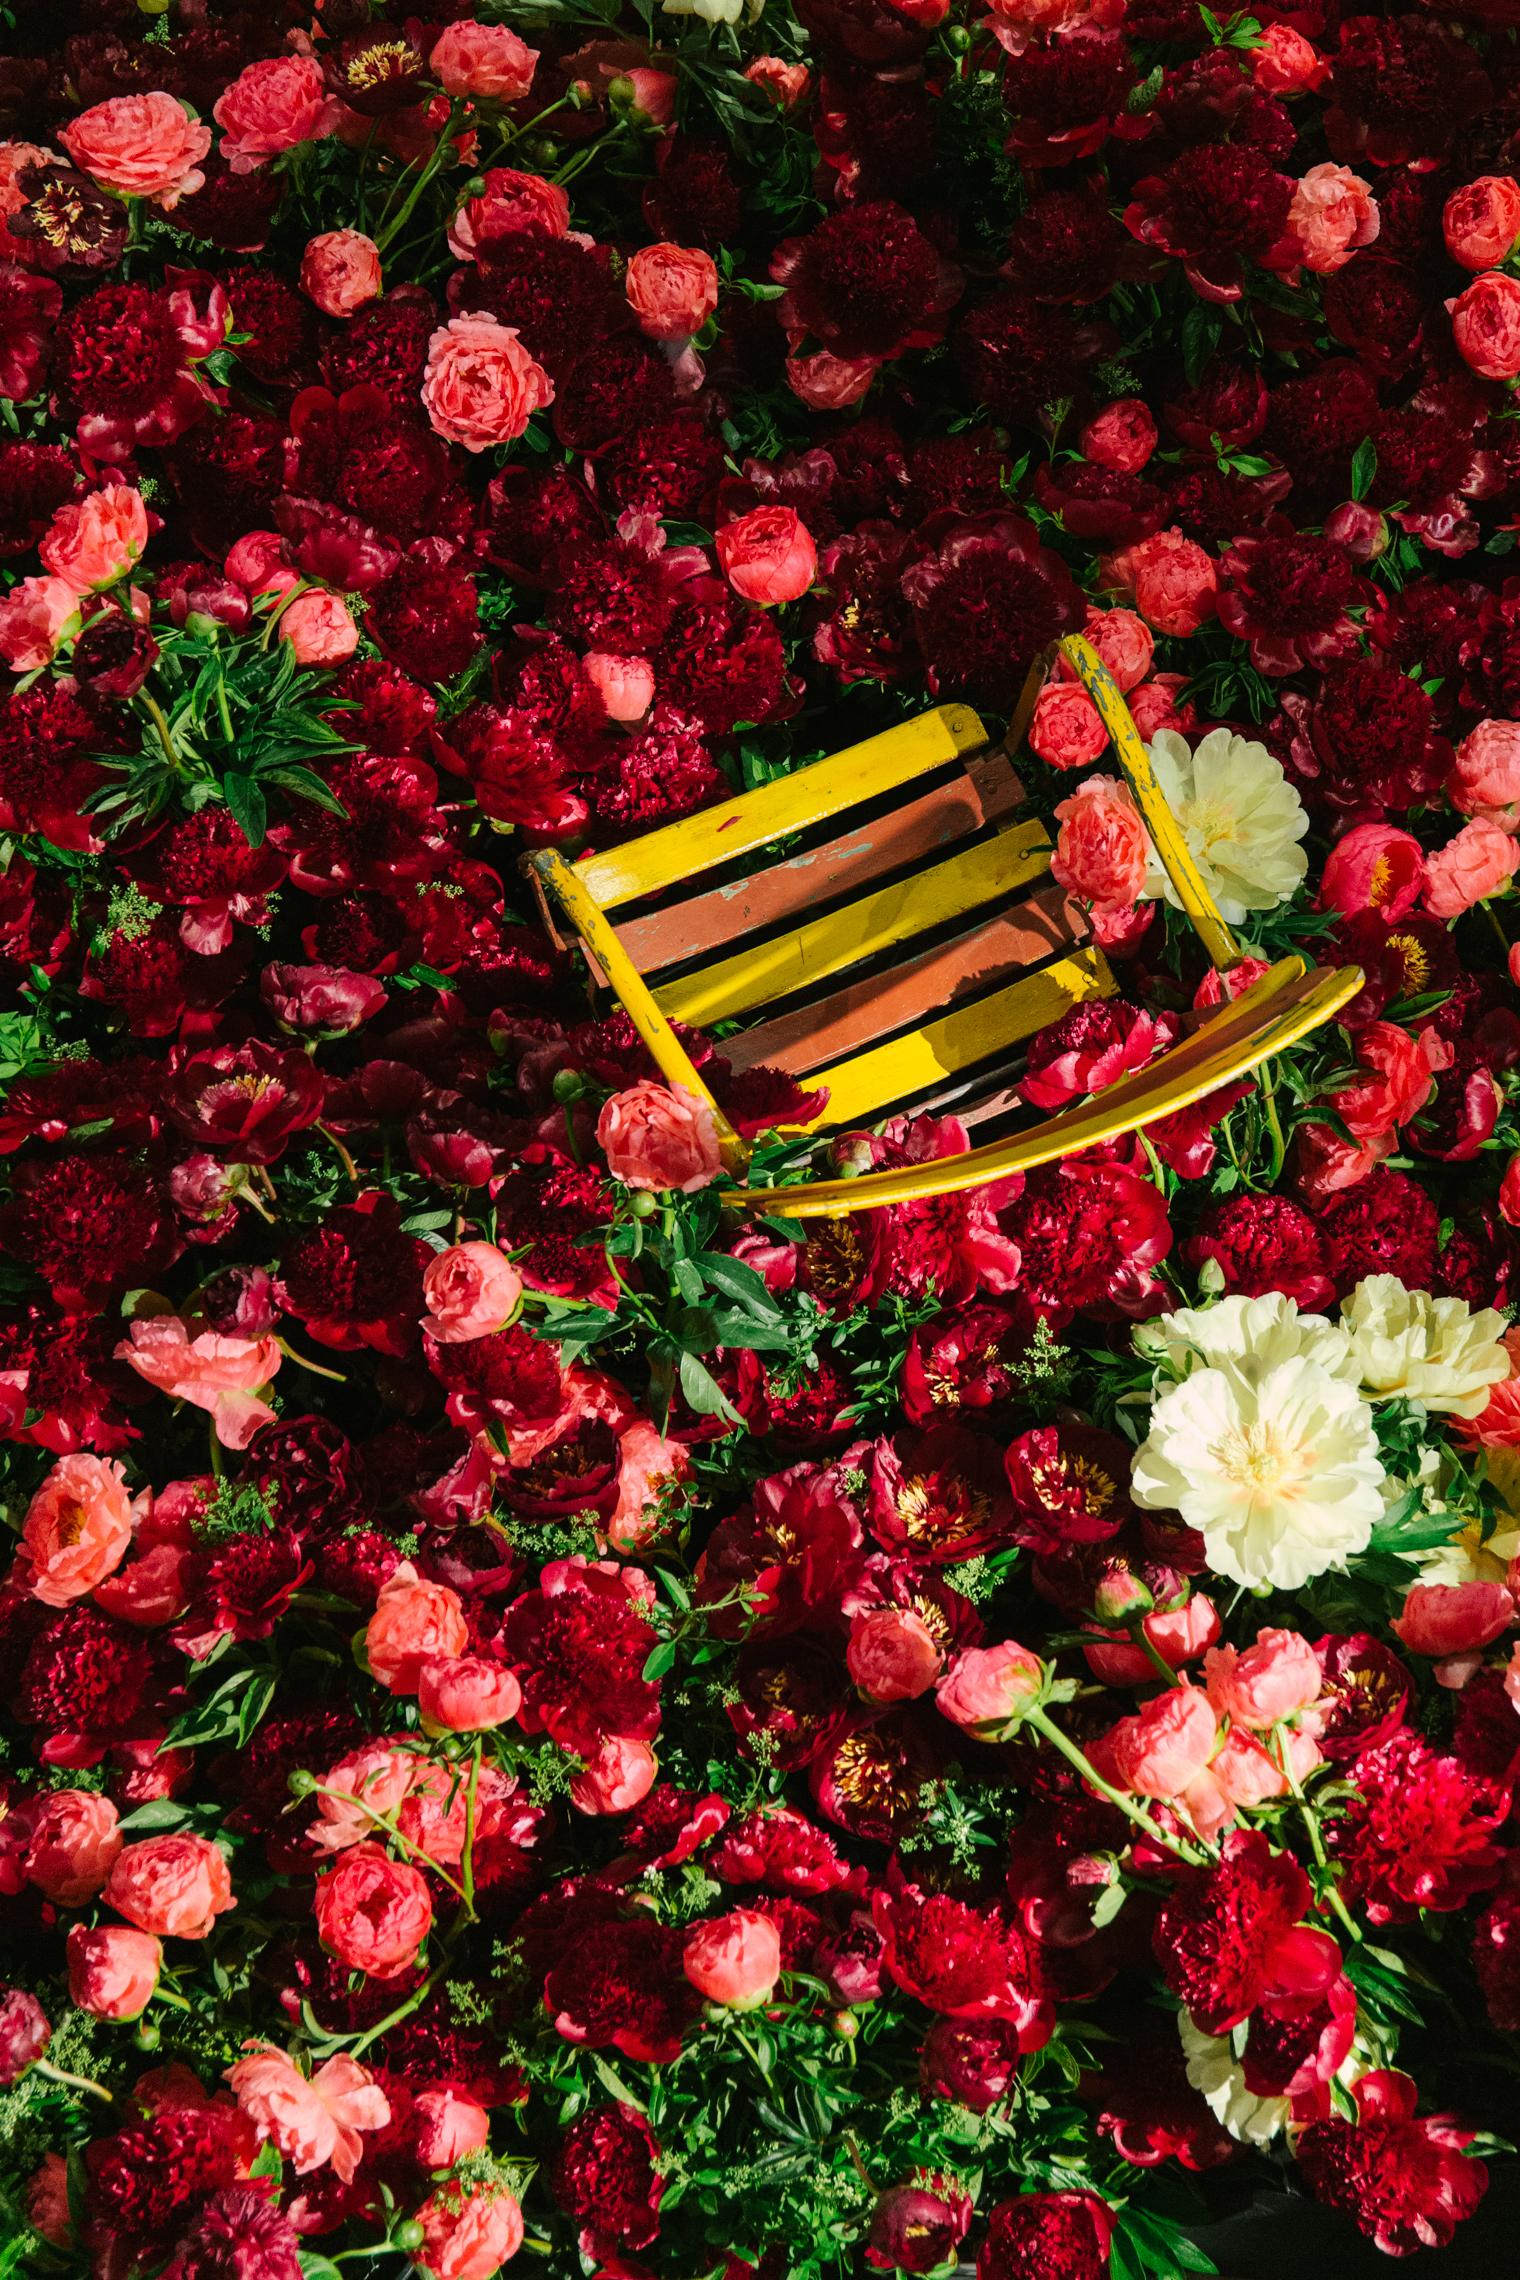 British Flowers Week 2021 - JamJar Flowers